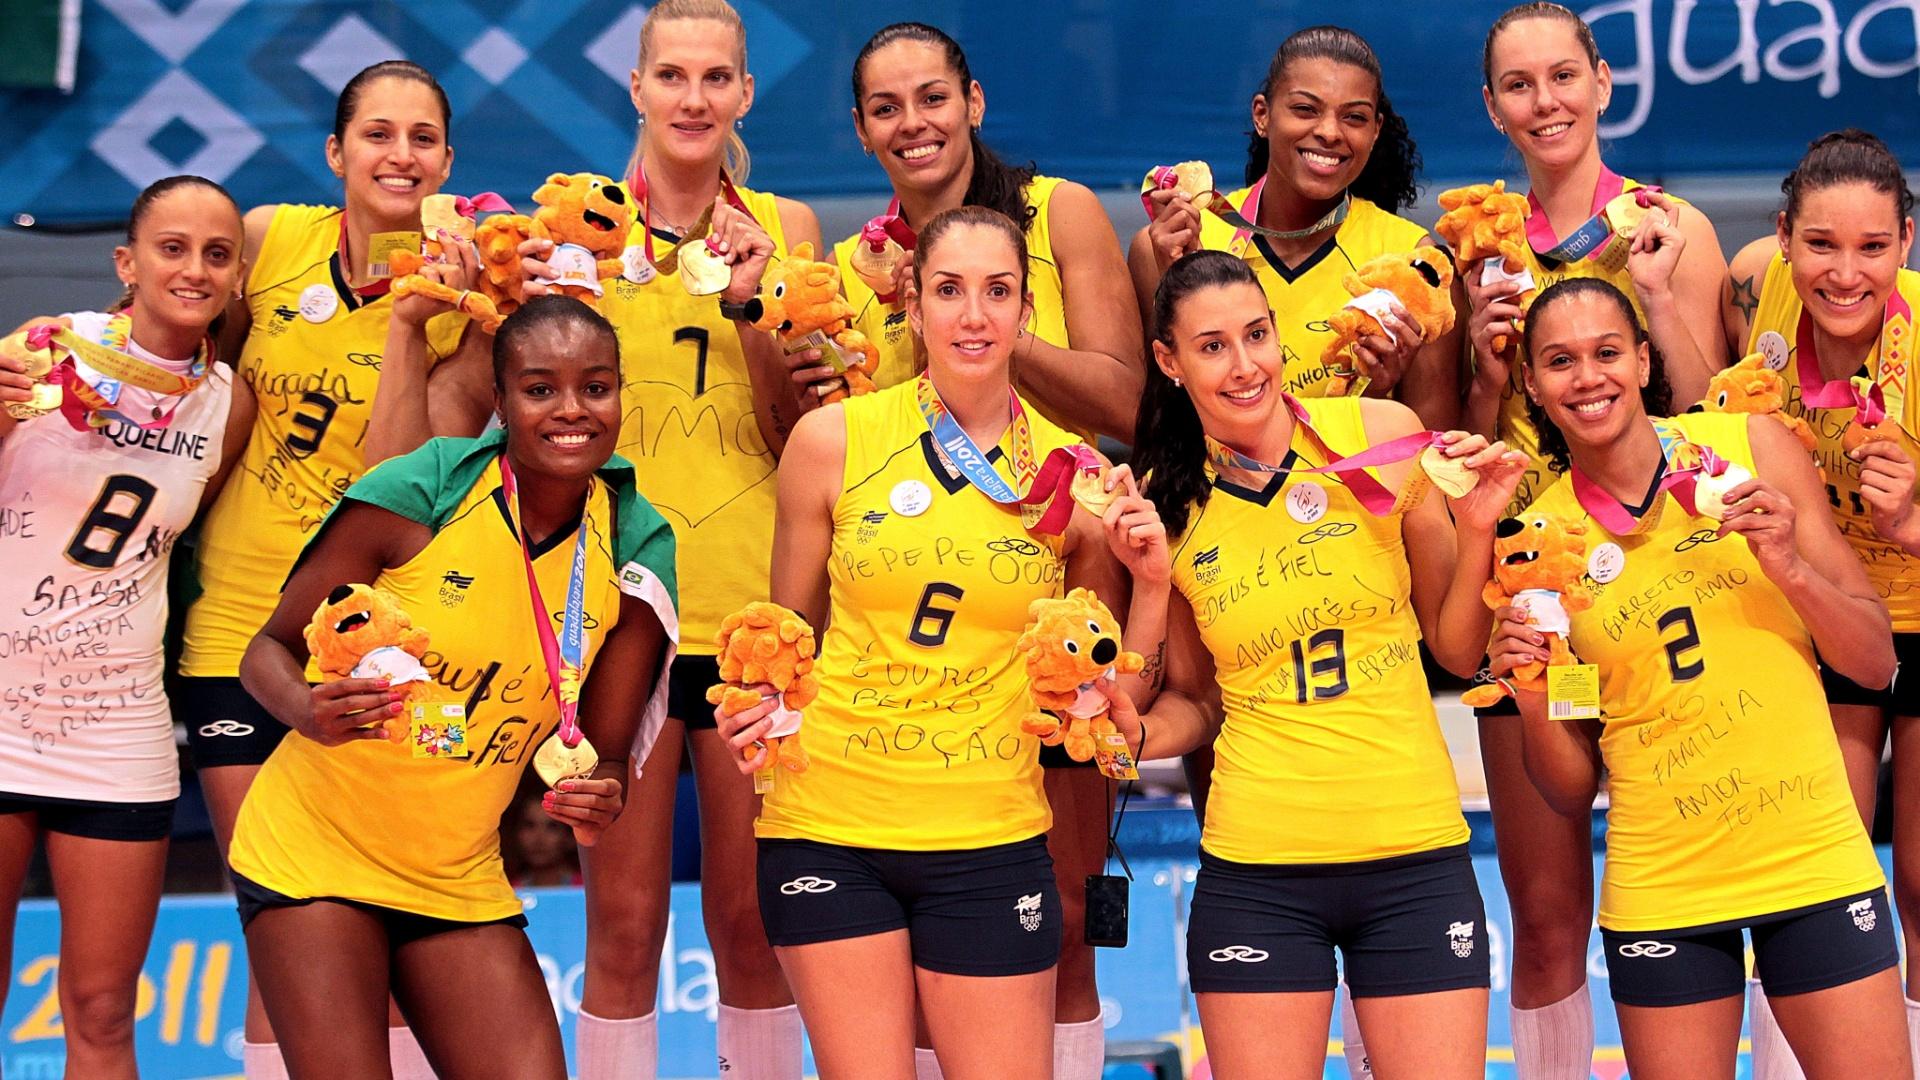 Seleção brasileira mostra medalha de ouro após subir ao pódio no Pan de Guadalajara (21/10/2011)